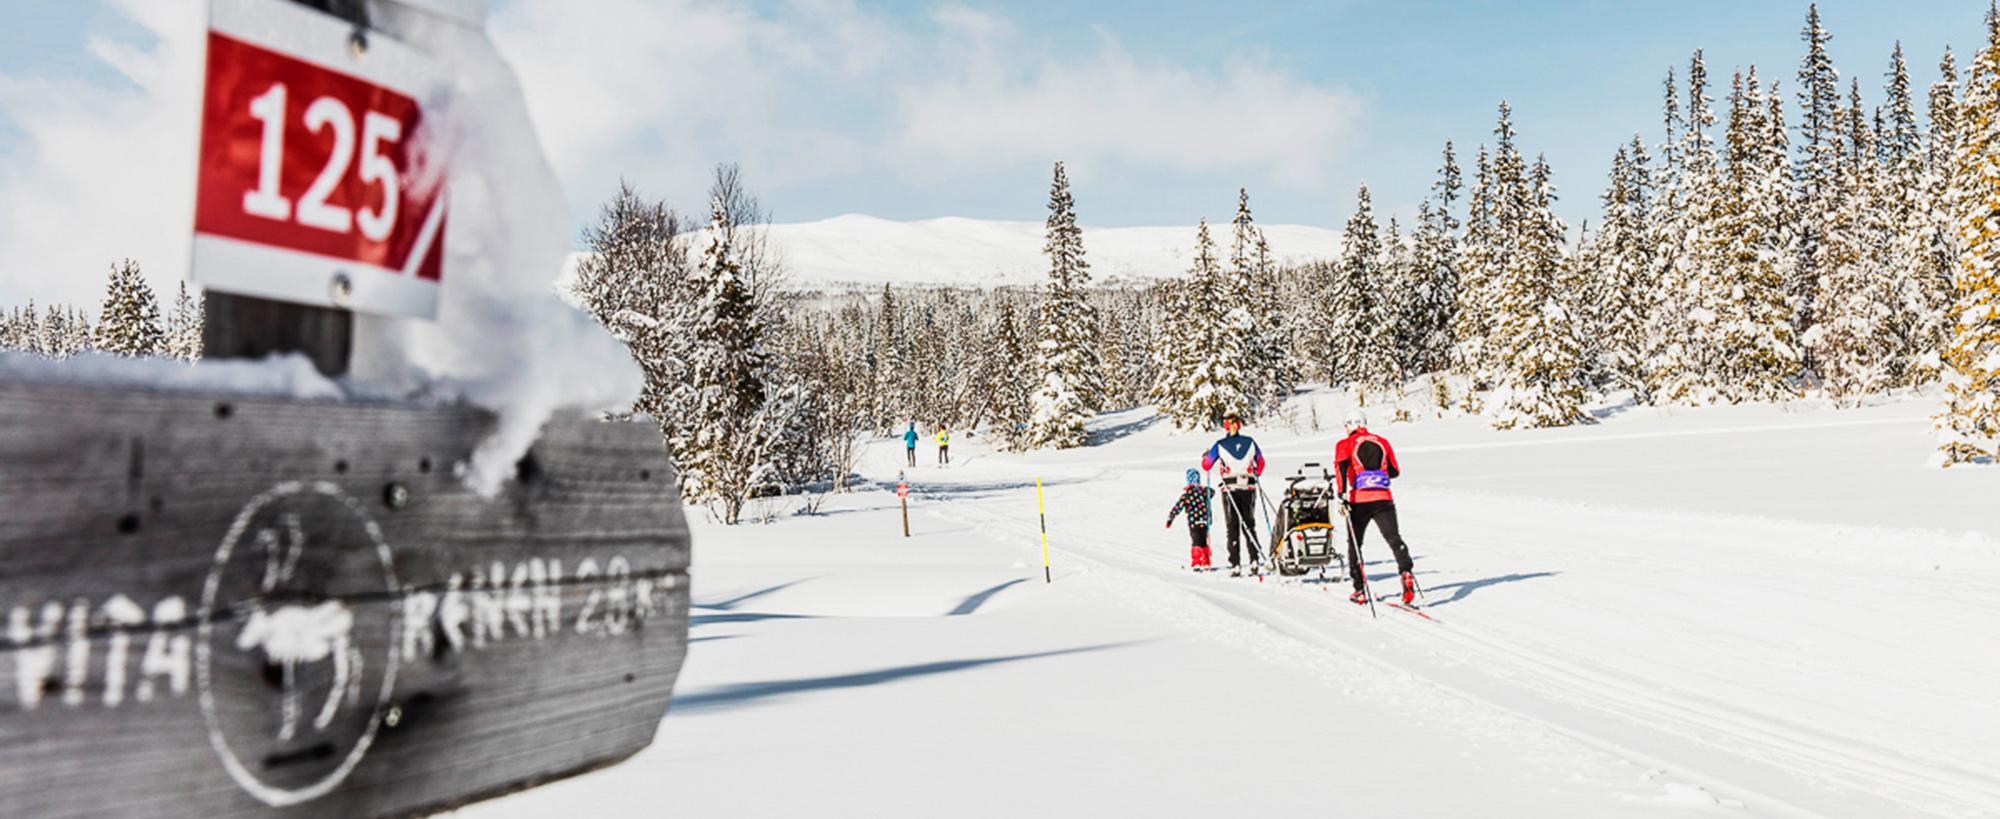 Att åka Skidor I Väfjällsrundans Fina Skidspår, I Edsåsdalen, är En Av Fjällupplevelserna I Världsklass I Södra Årefjällen.